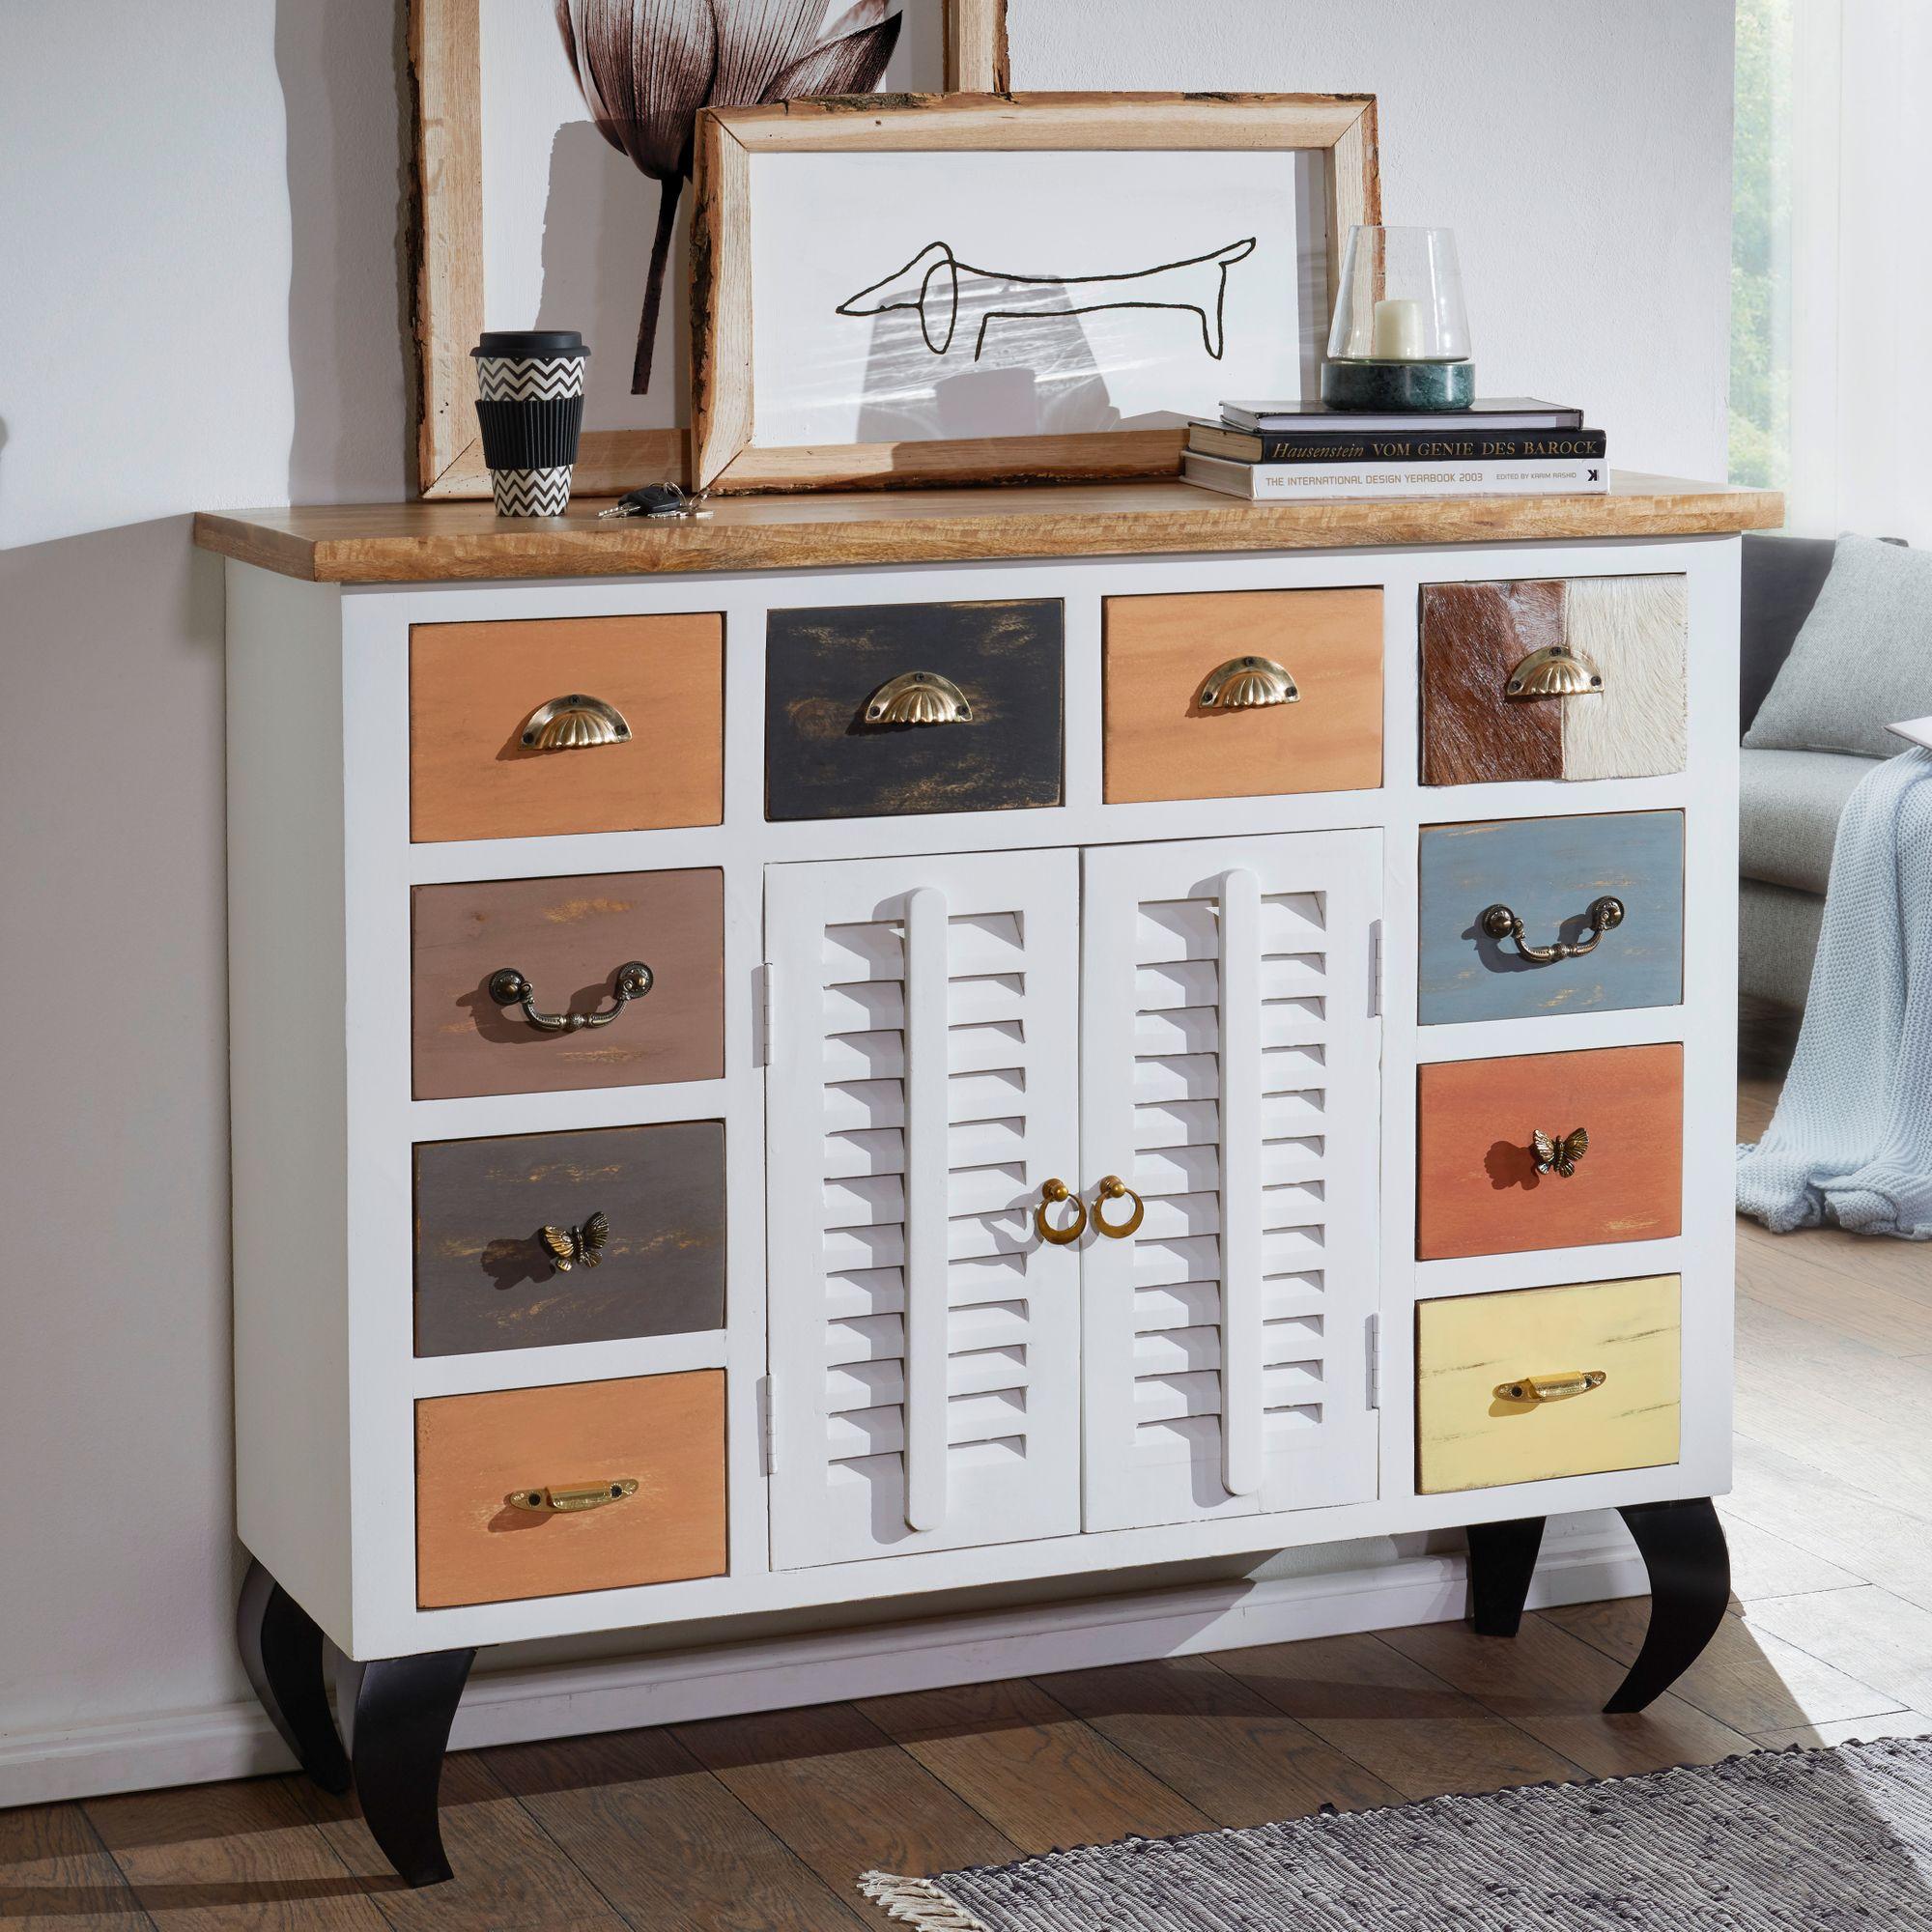 finebuy sideboard fahid kommode anrichte vintage schubladenkommode holz massiv. Black Bedroom Furniture Sets. Home Design Ideas